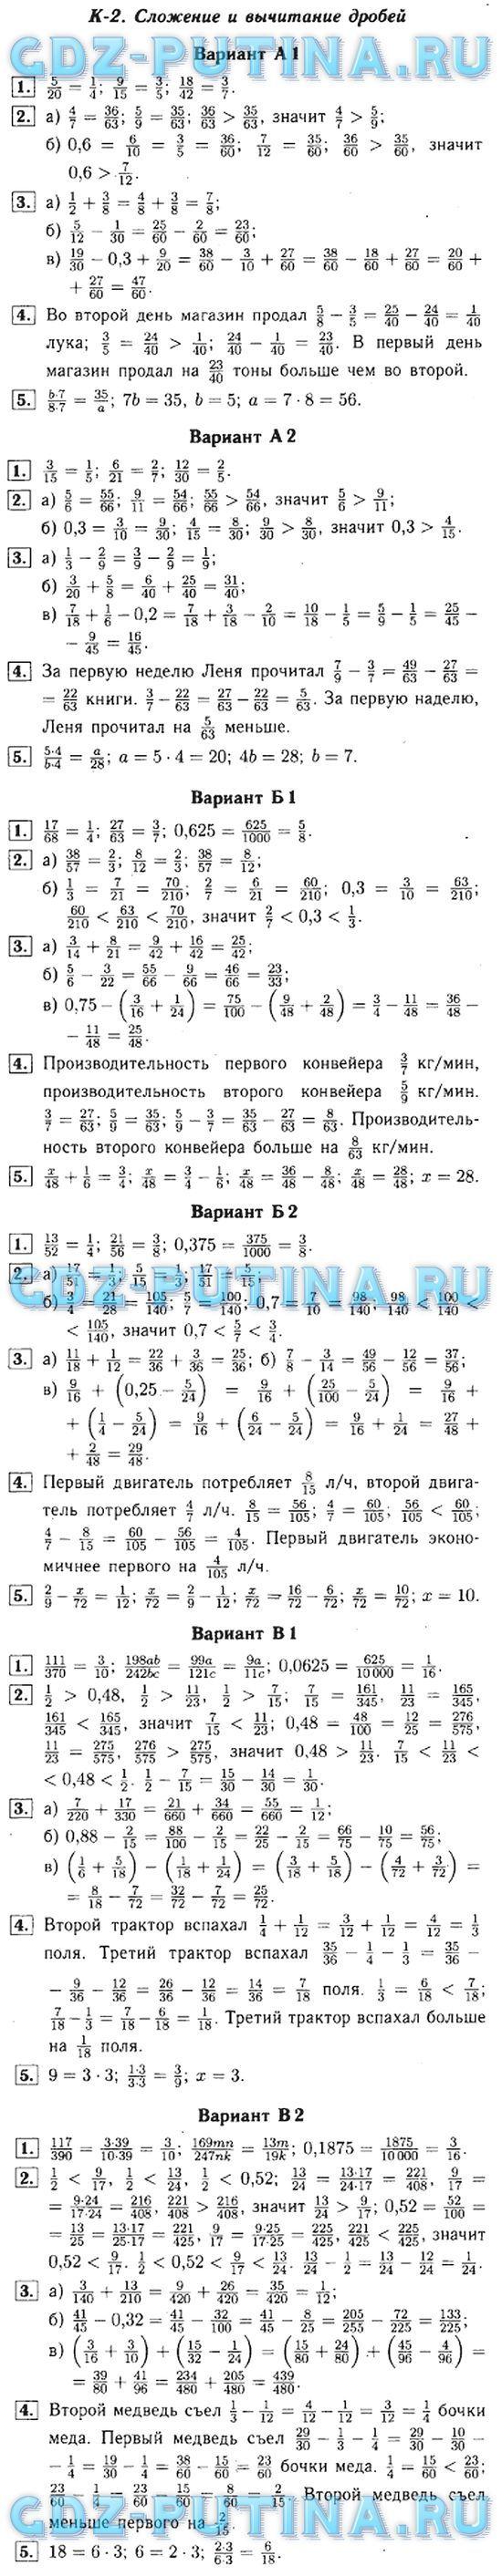 И.п.агабекян английский язык решебник 19 издание среднее профессиональное образование